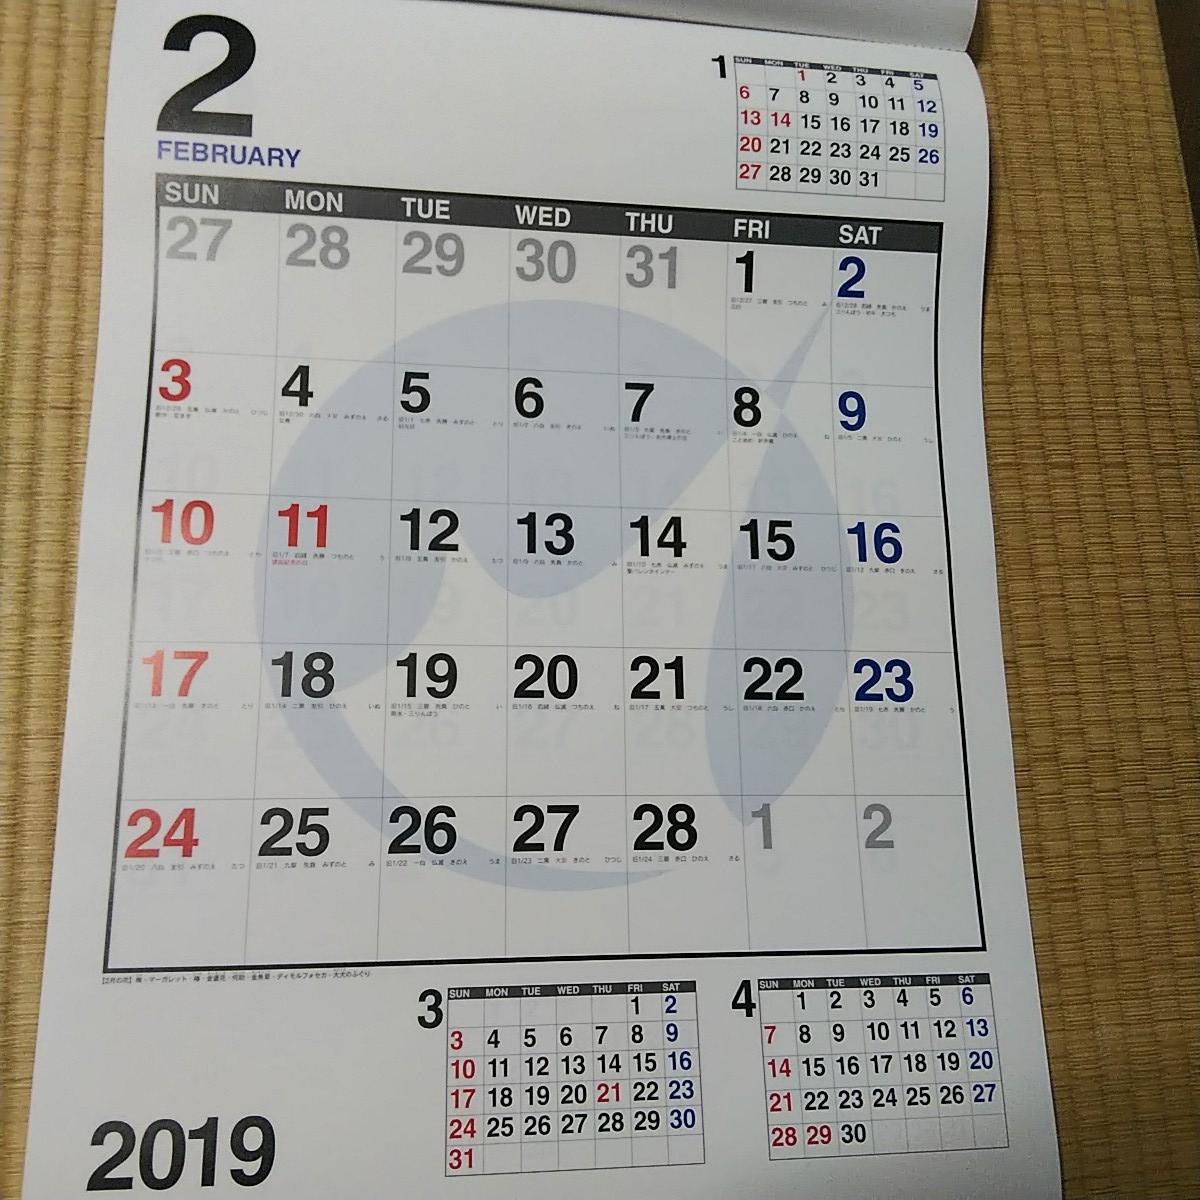 2019 文字暦カレンダー 【ビジネス カレンダー】太い文字、三色、メモ欄広い、六曜、4ケ月表示 値下げ!_画像3